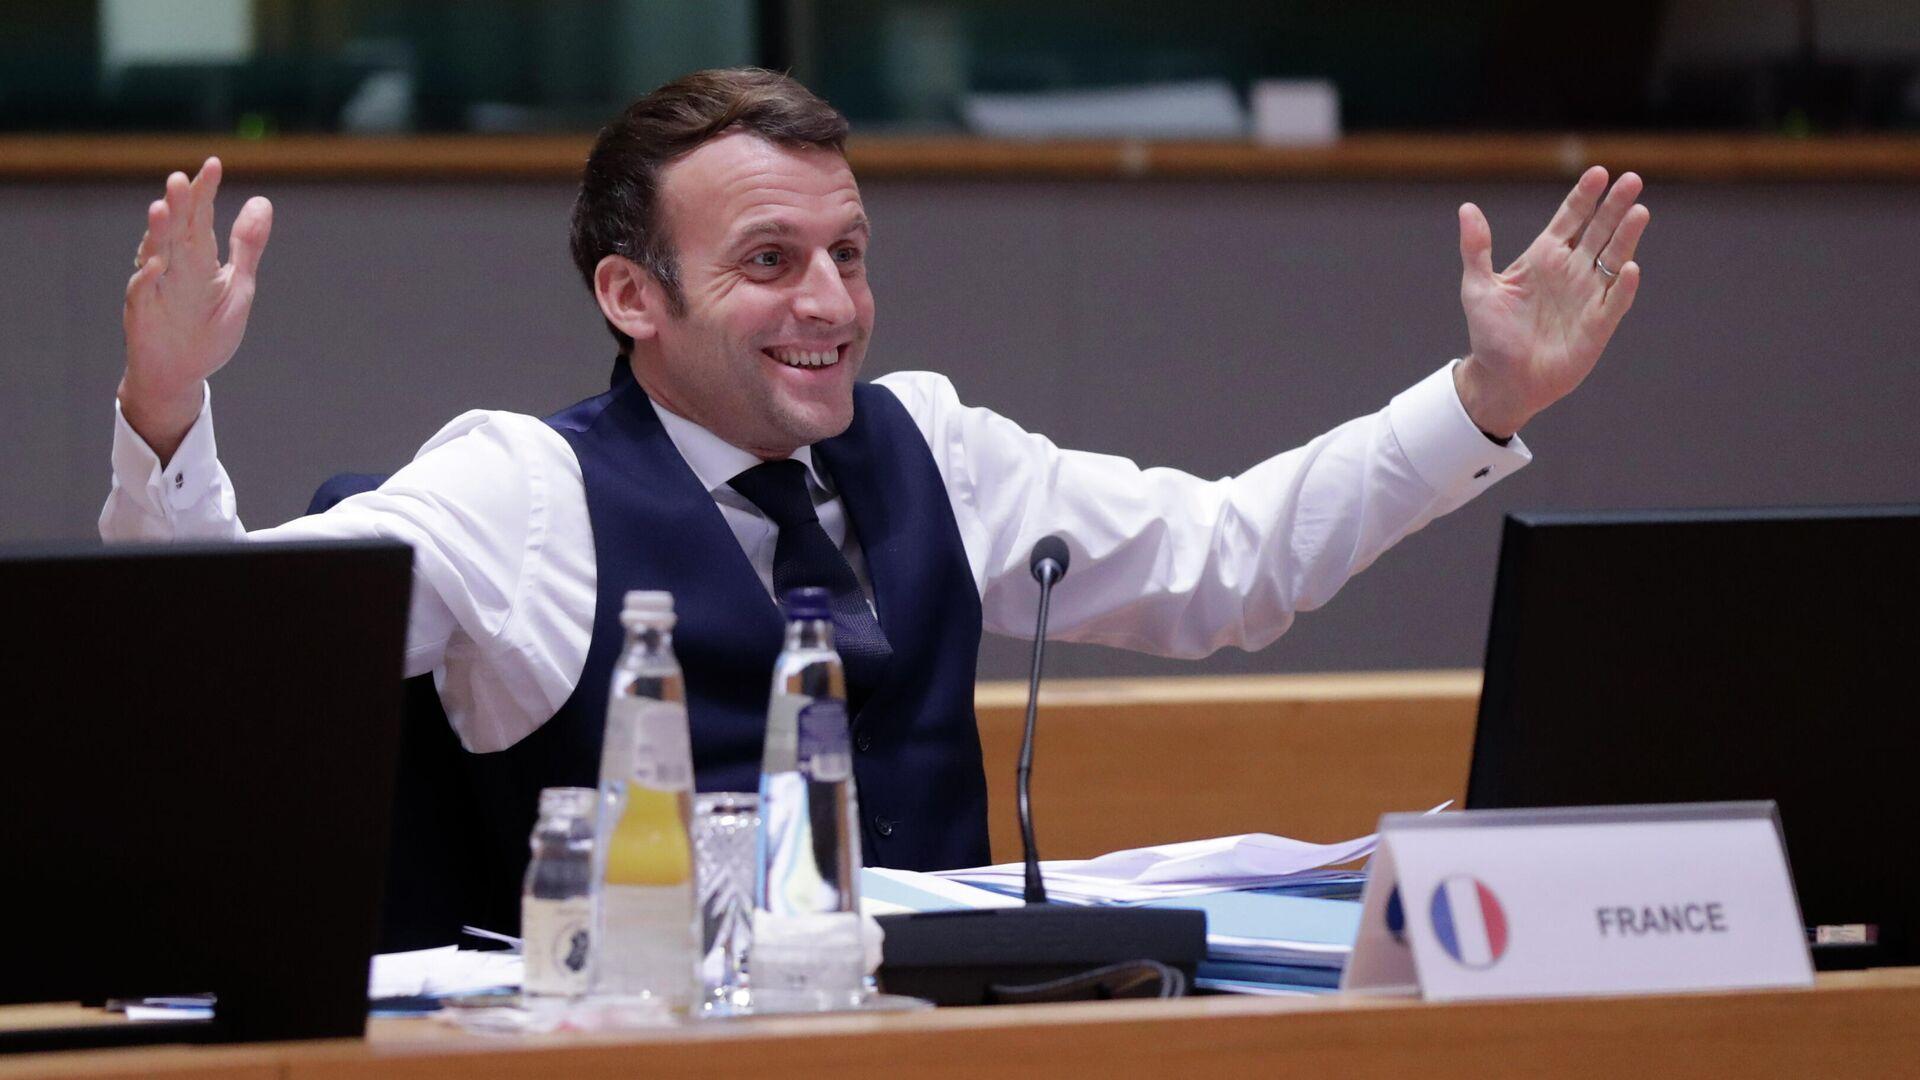 Frankreichs Präsident Emmanuel Macron  - SNA, 1920, 20.01.2021